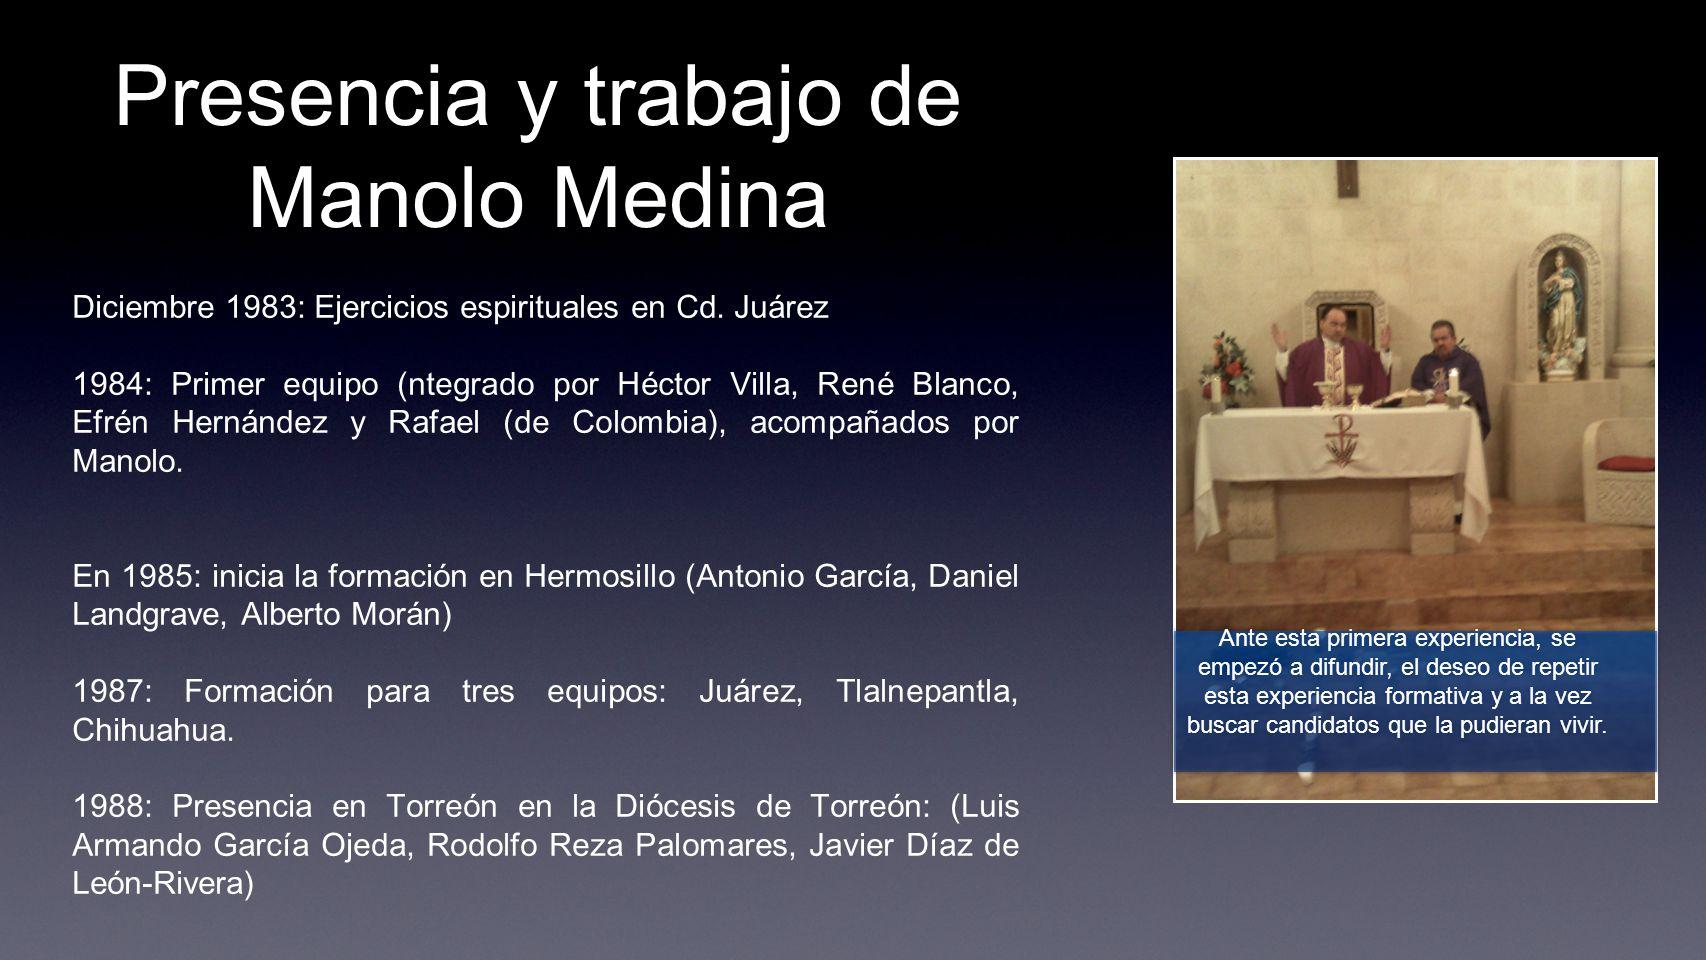 Presencia y trabajo de Manolo Medina